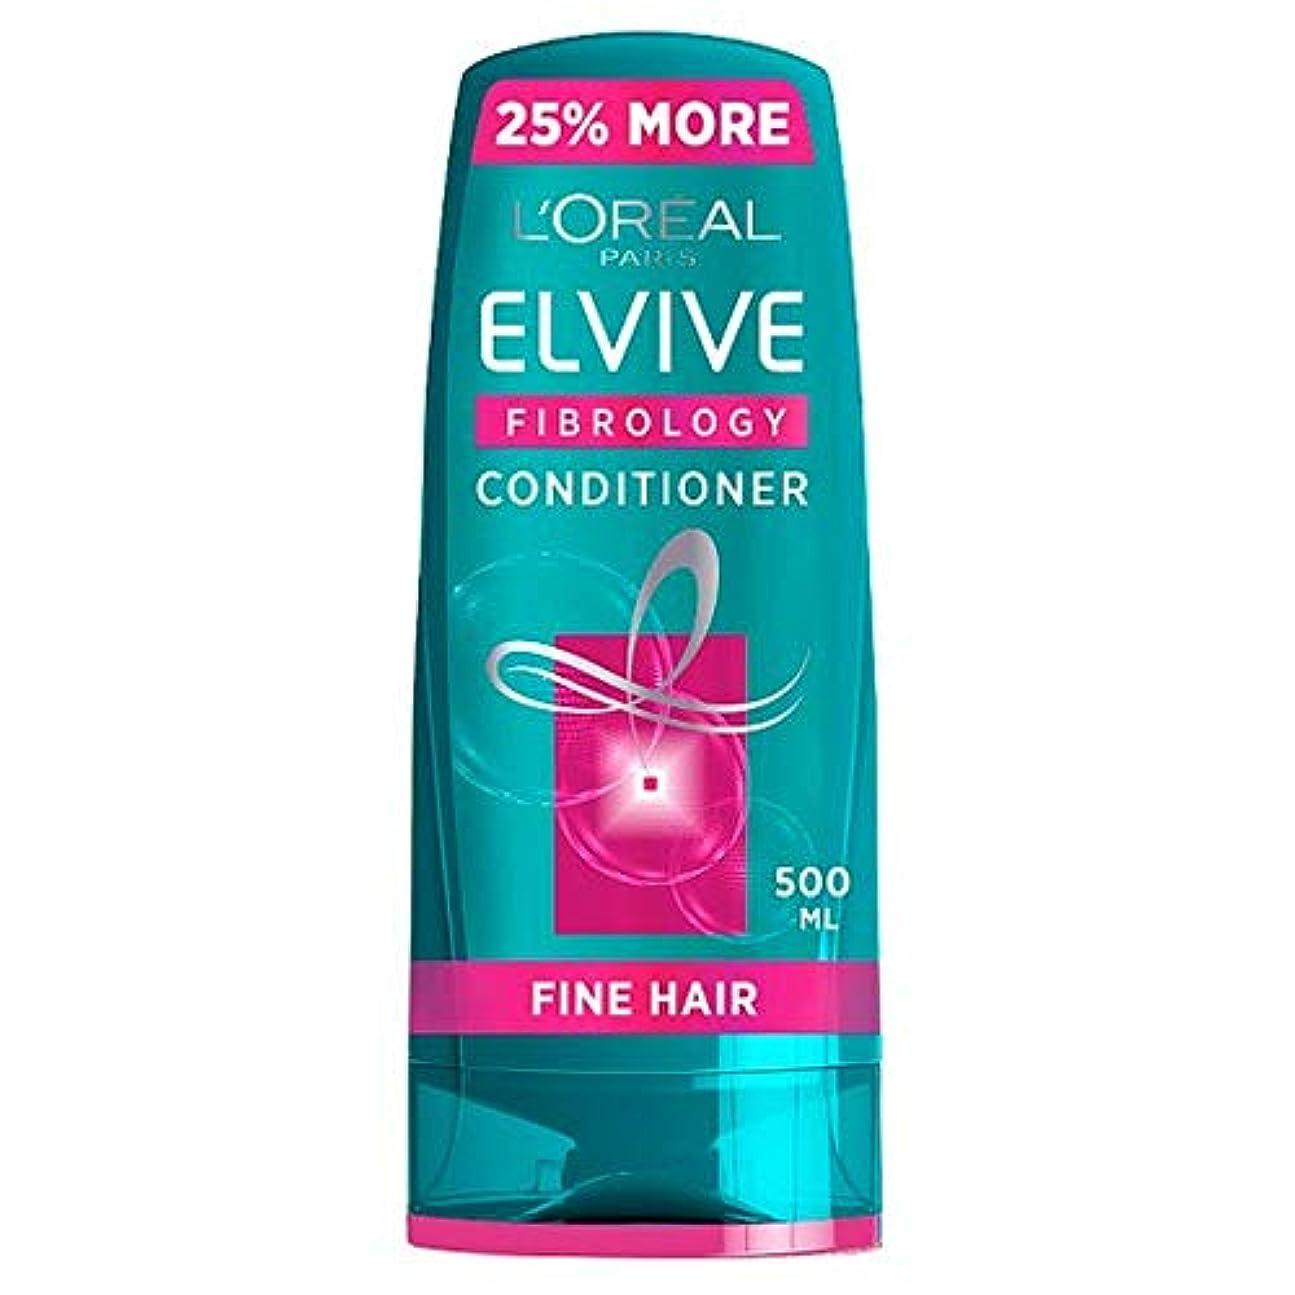 恥ずかしさ被るセットアップ[Elvive] ロレアルElvive Fibroligy細いヘアコンディショナー500ミリリットル - L'oreal Elvive Fibroligy Fine Hair Conditioner 500Ml [並行輸入品]